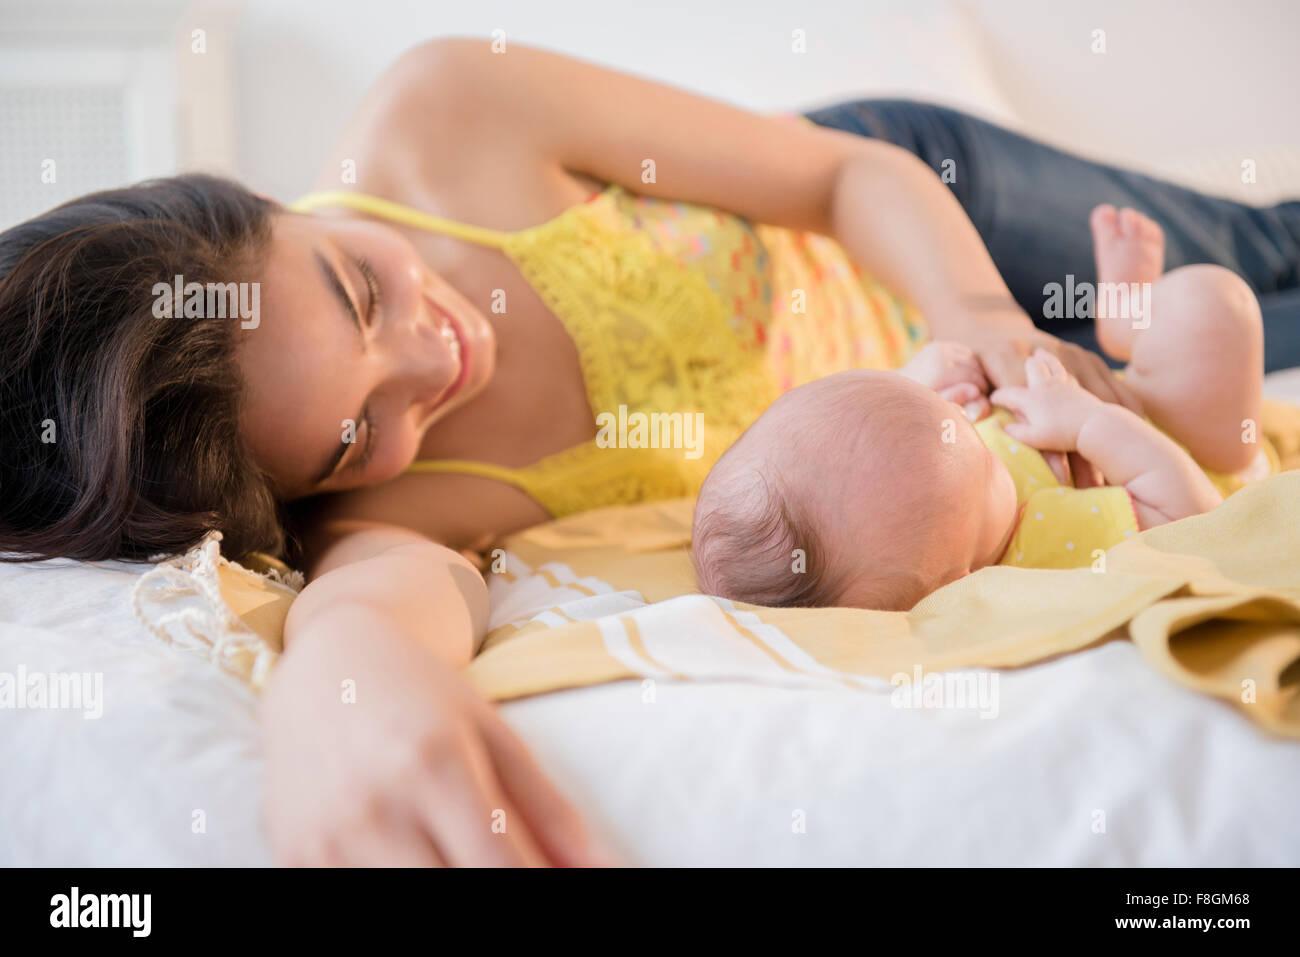 Mutter mit Tochter auf Bett spielen Stockfoto